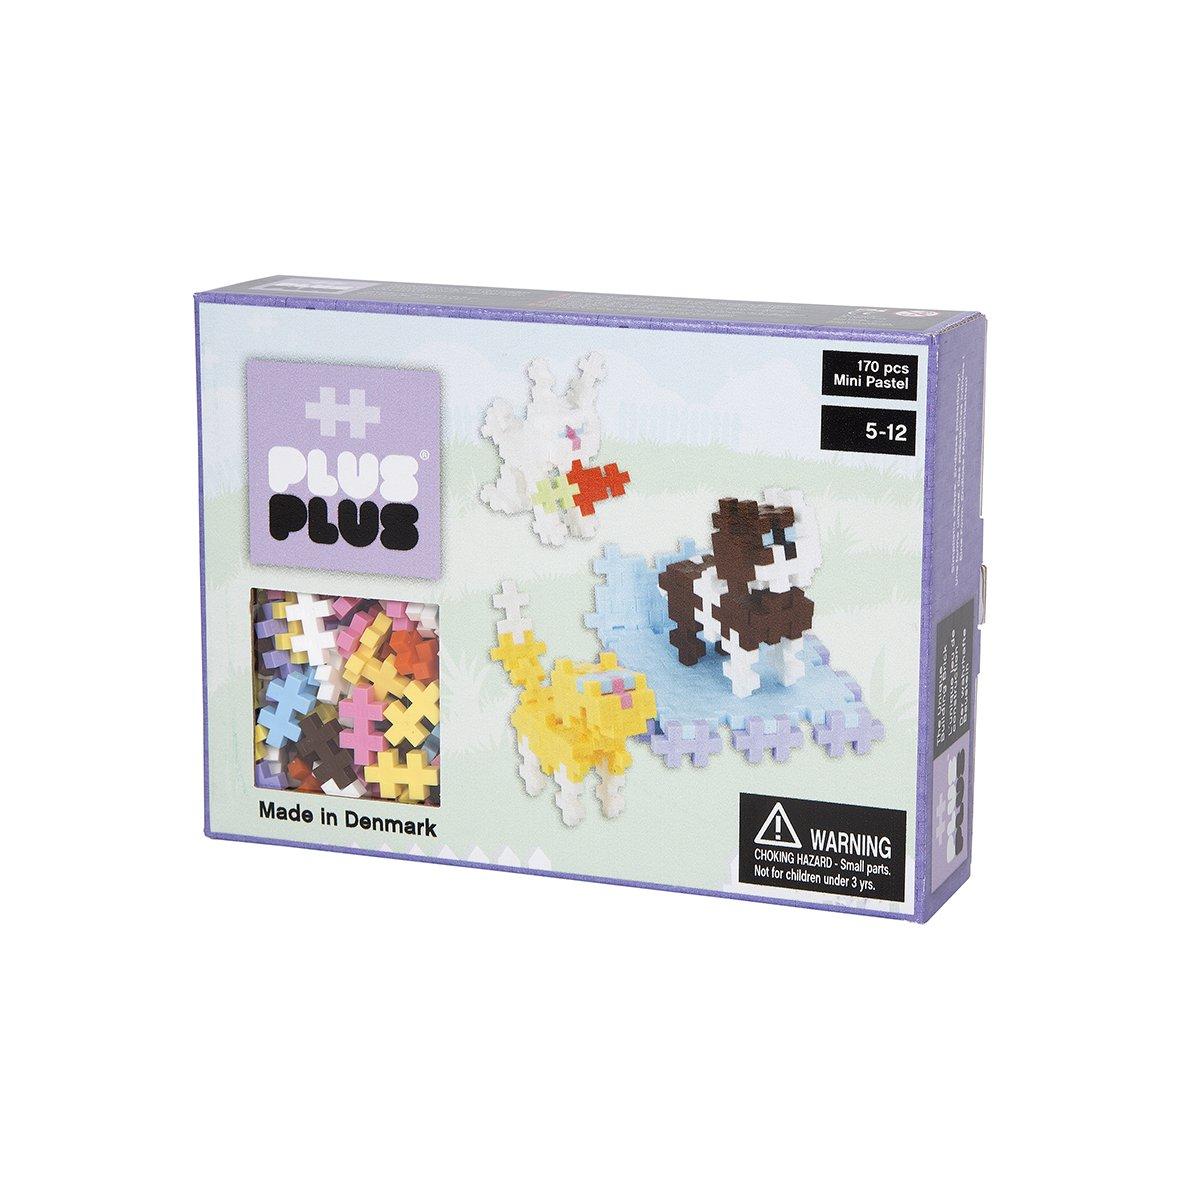 Plus Plus Box mini pastel - 170 pièces - animaux